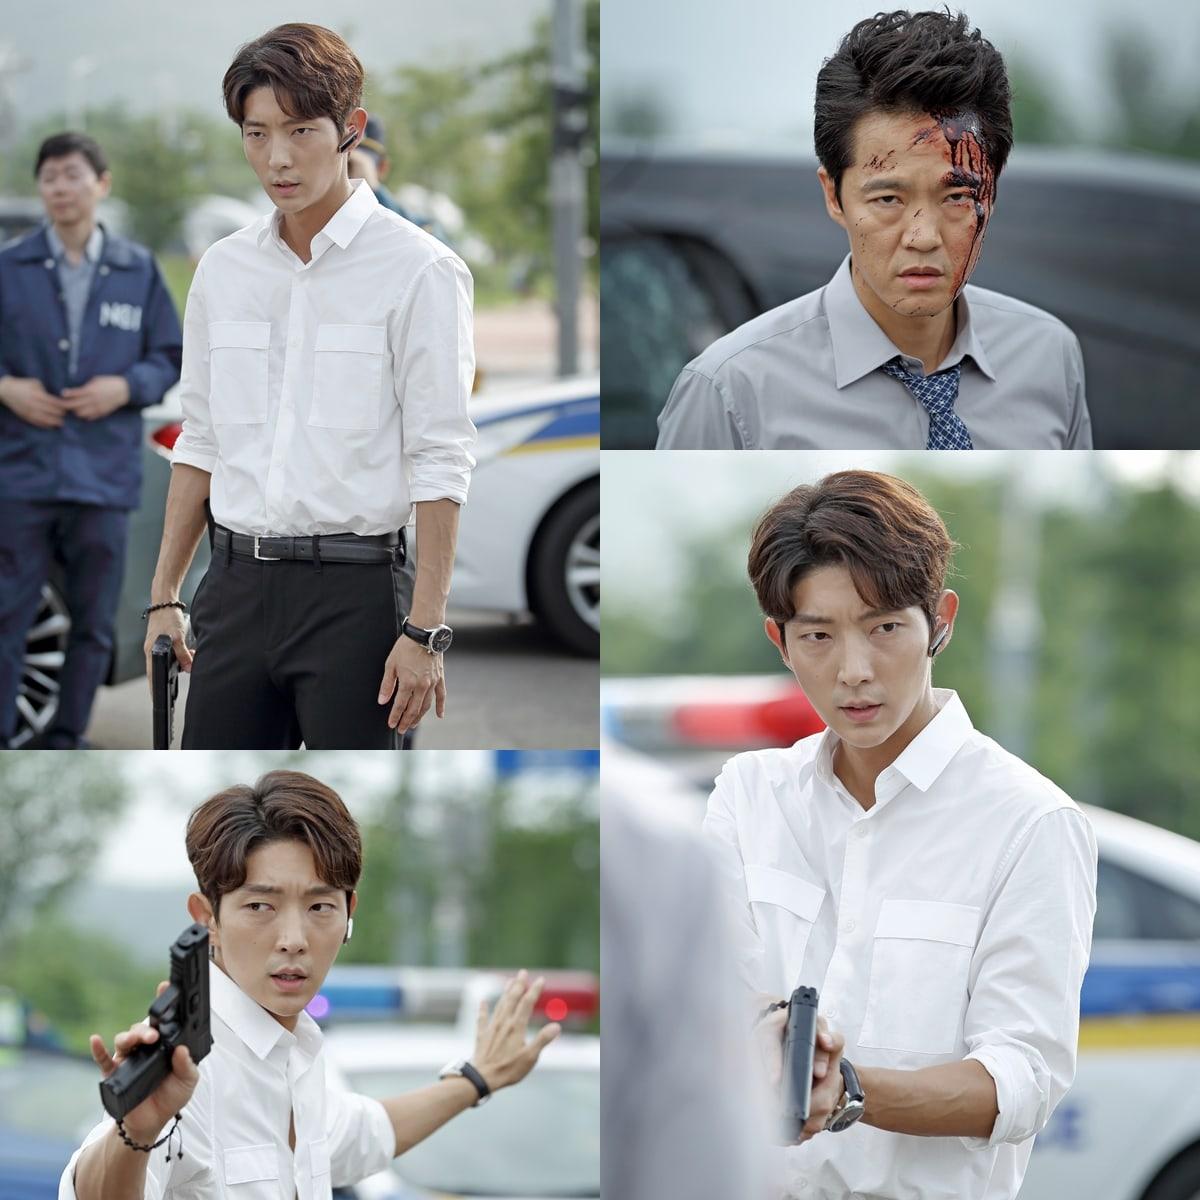 Lee Joon Gi Is Cool Under Pressure During Dangerous Case In Criminal Minds Stills